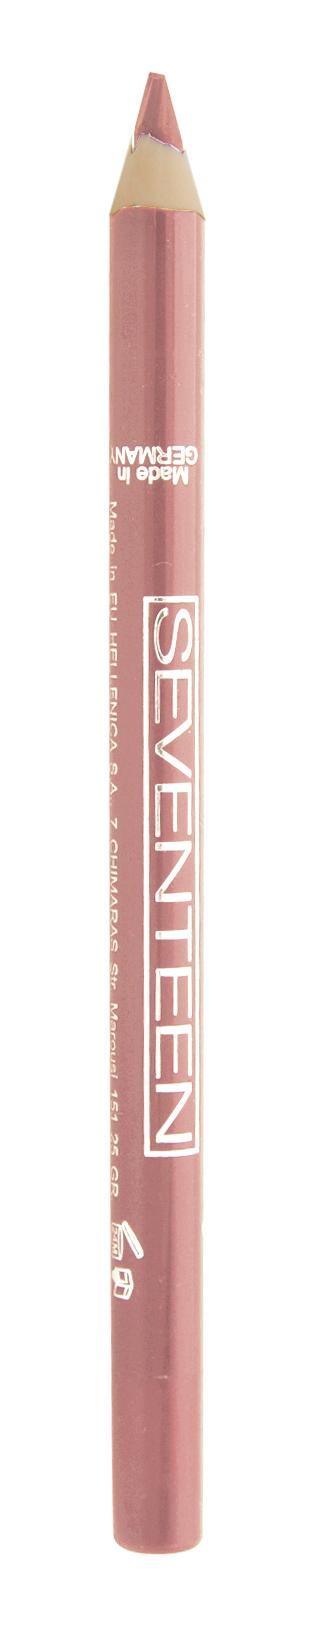 SEVENTEEN Карандаш для губ водостойкий с витамином Е, 31 холодный розовый / Super Smooth W/P Lip Liner 1,2 г косметические карандаши seventeen карандаш для губ водостойкий с витамином е super smooth w p lip liner 32